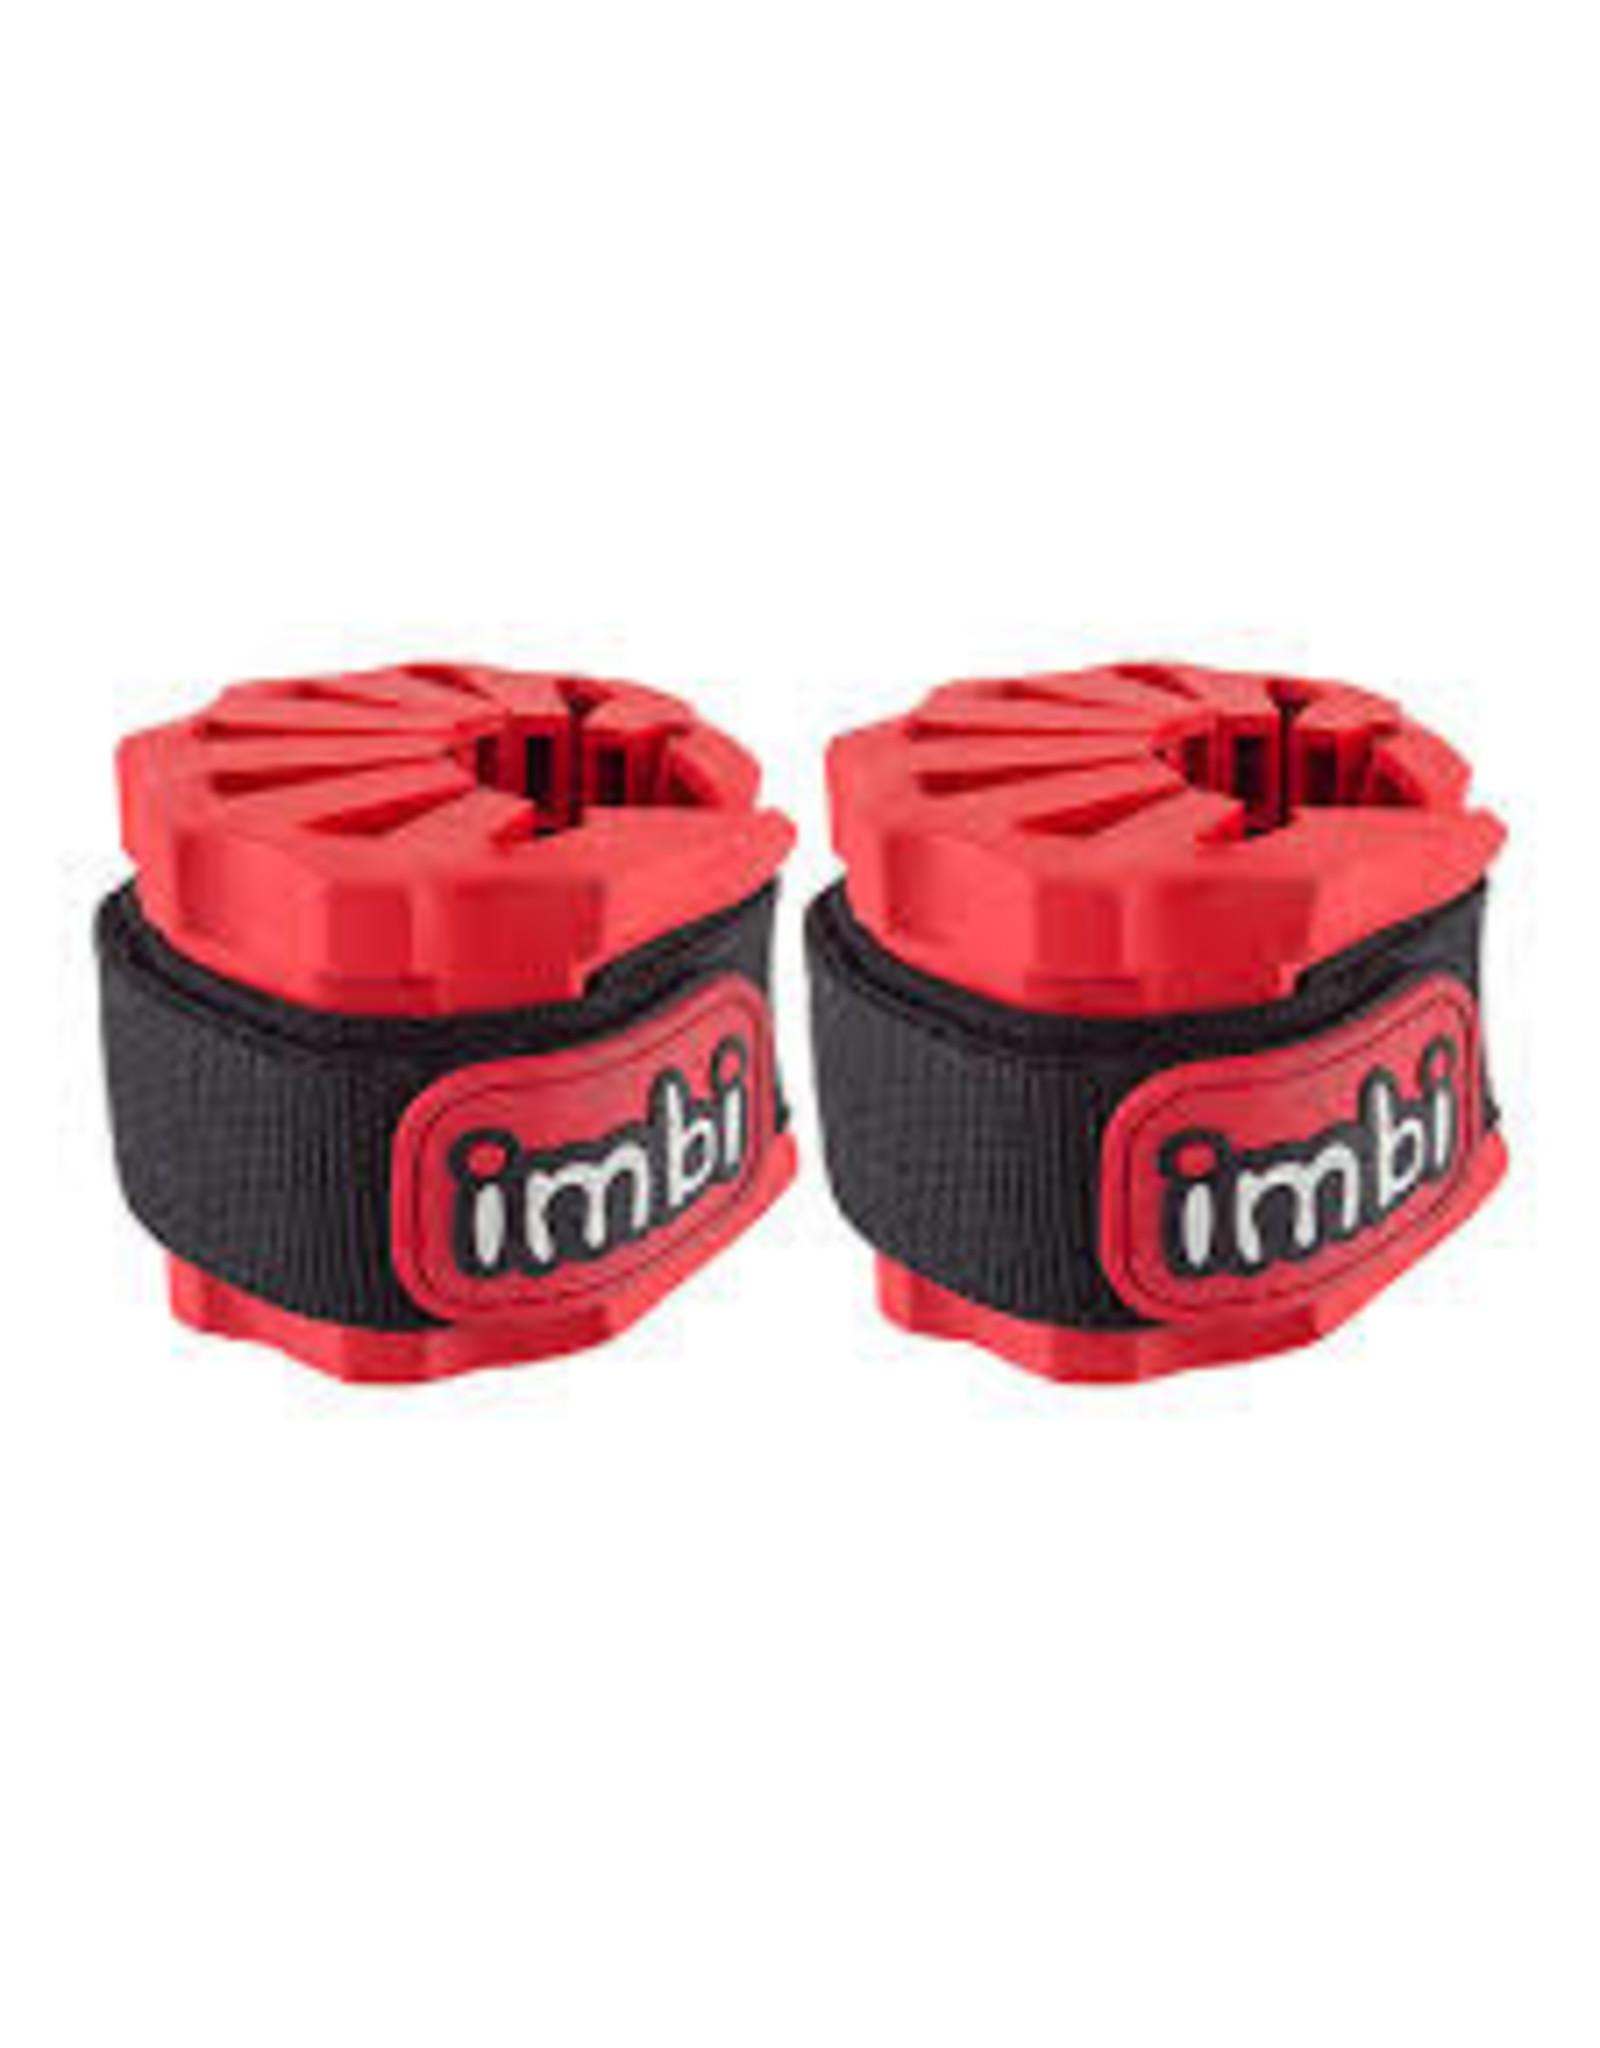 Bike Protectory IMBI set of 2